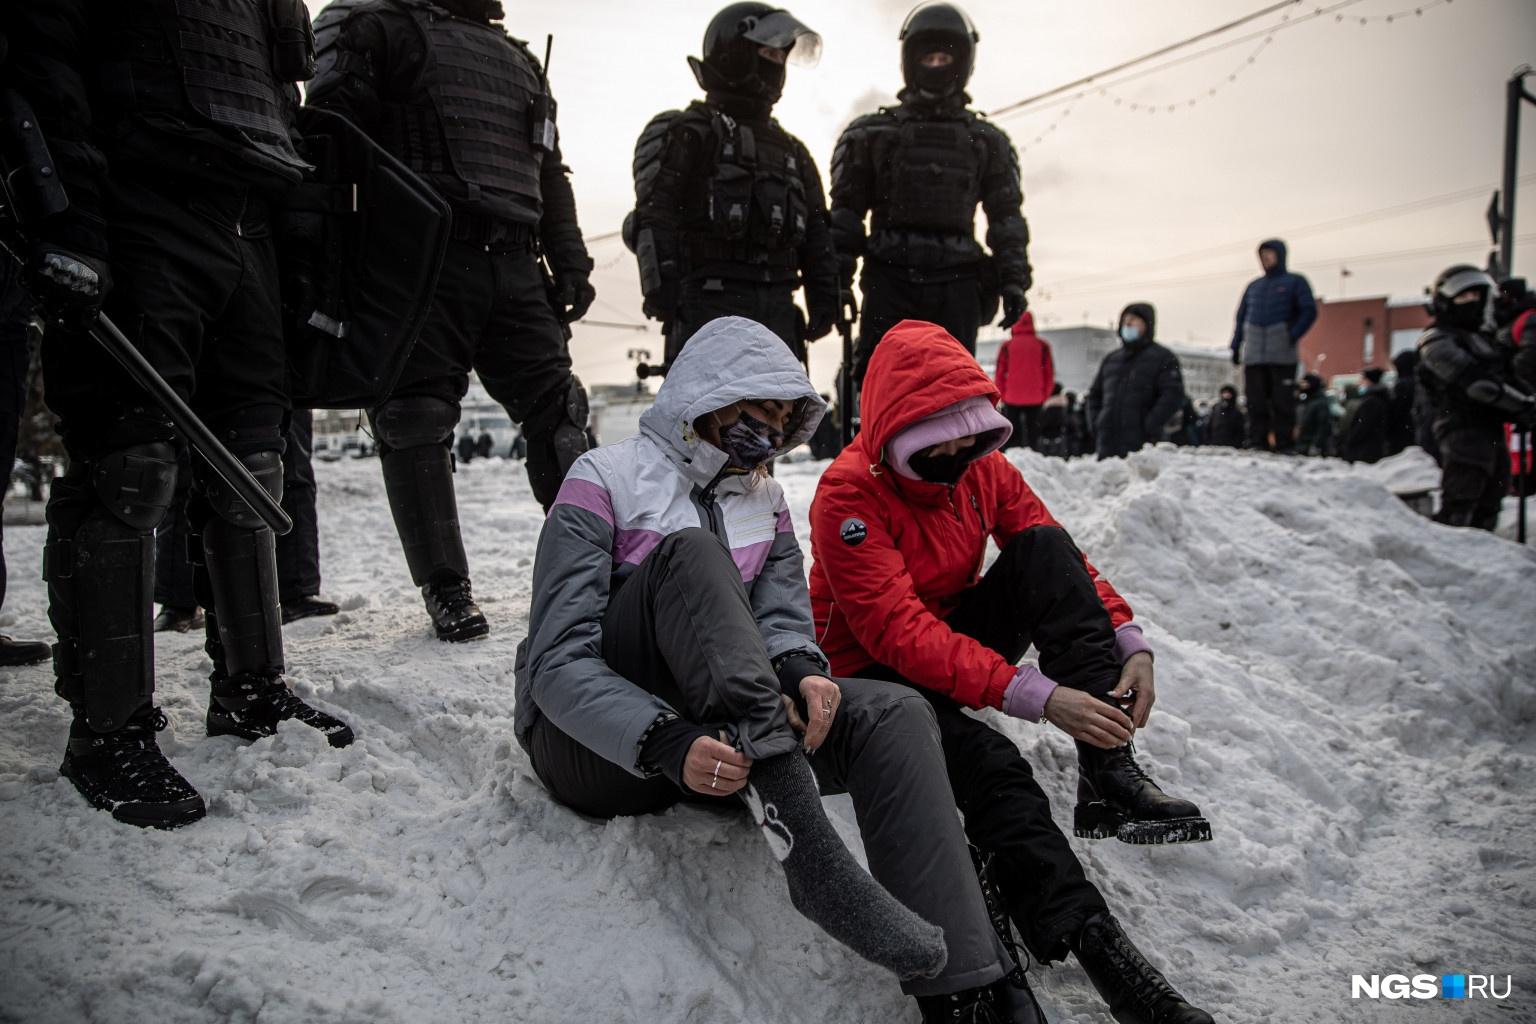 Последний раз в Новосибирске были массовые задержания на акции протеста в 2018 году